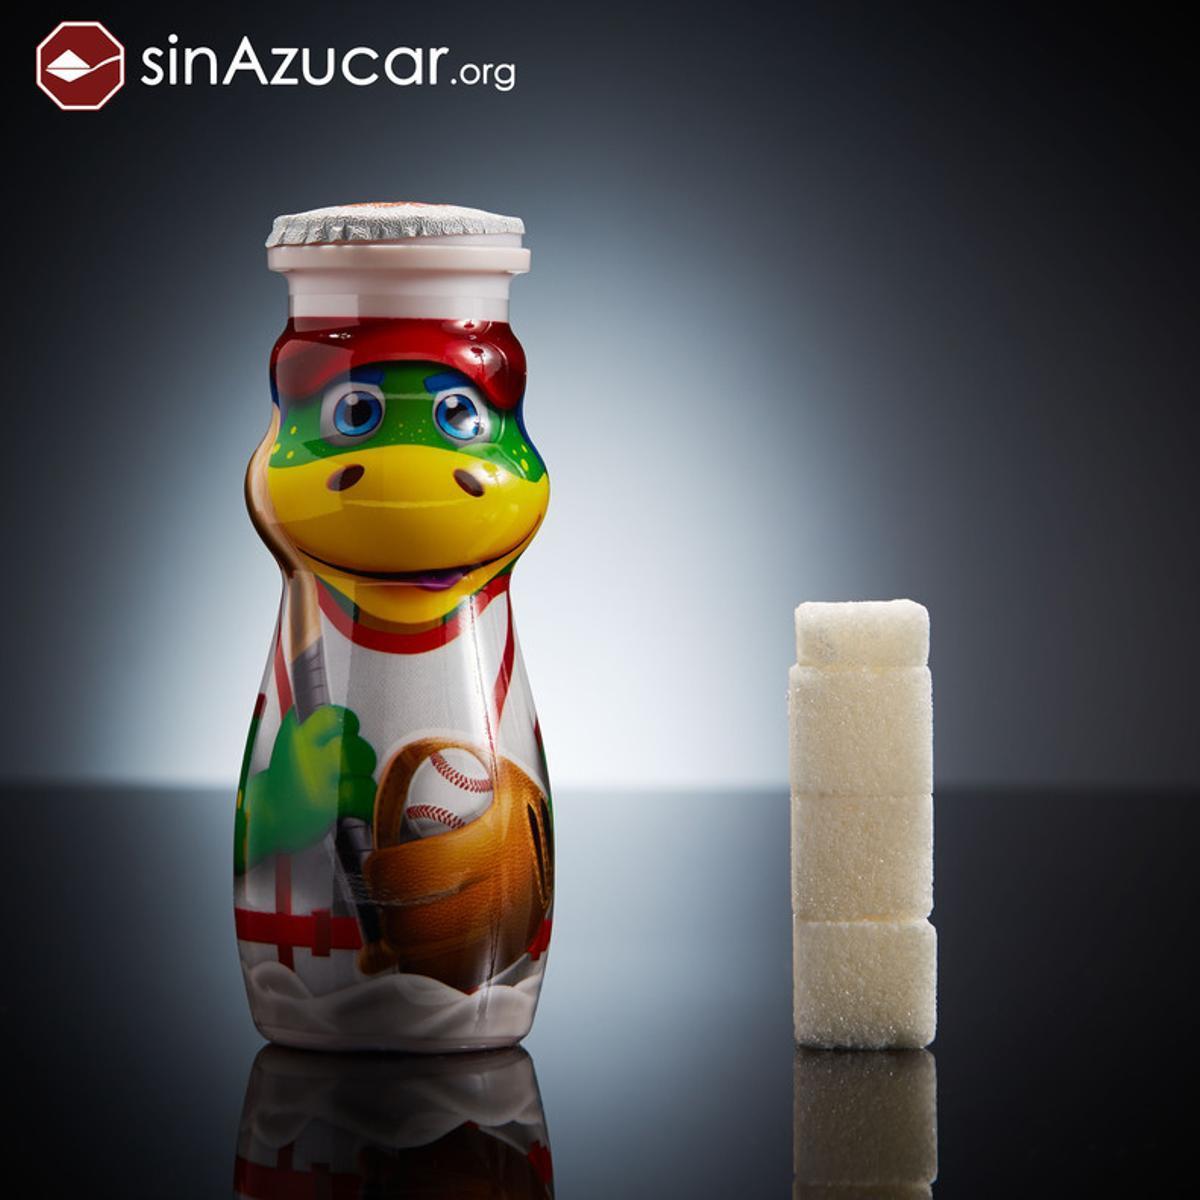 Una botellita de Danonino Bebedinocontiene 13,4 gr de azúcar, equivalente a 3,4 terrones.